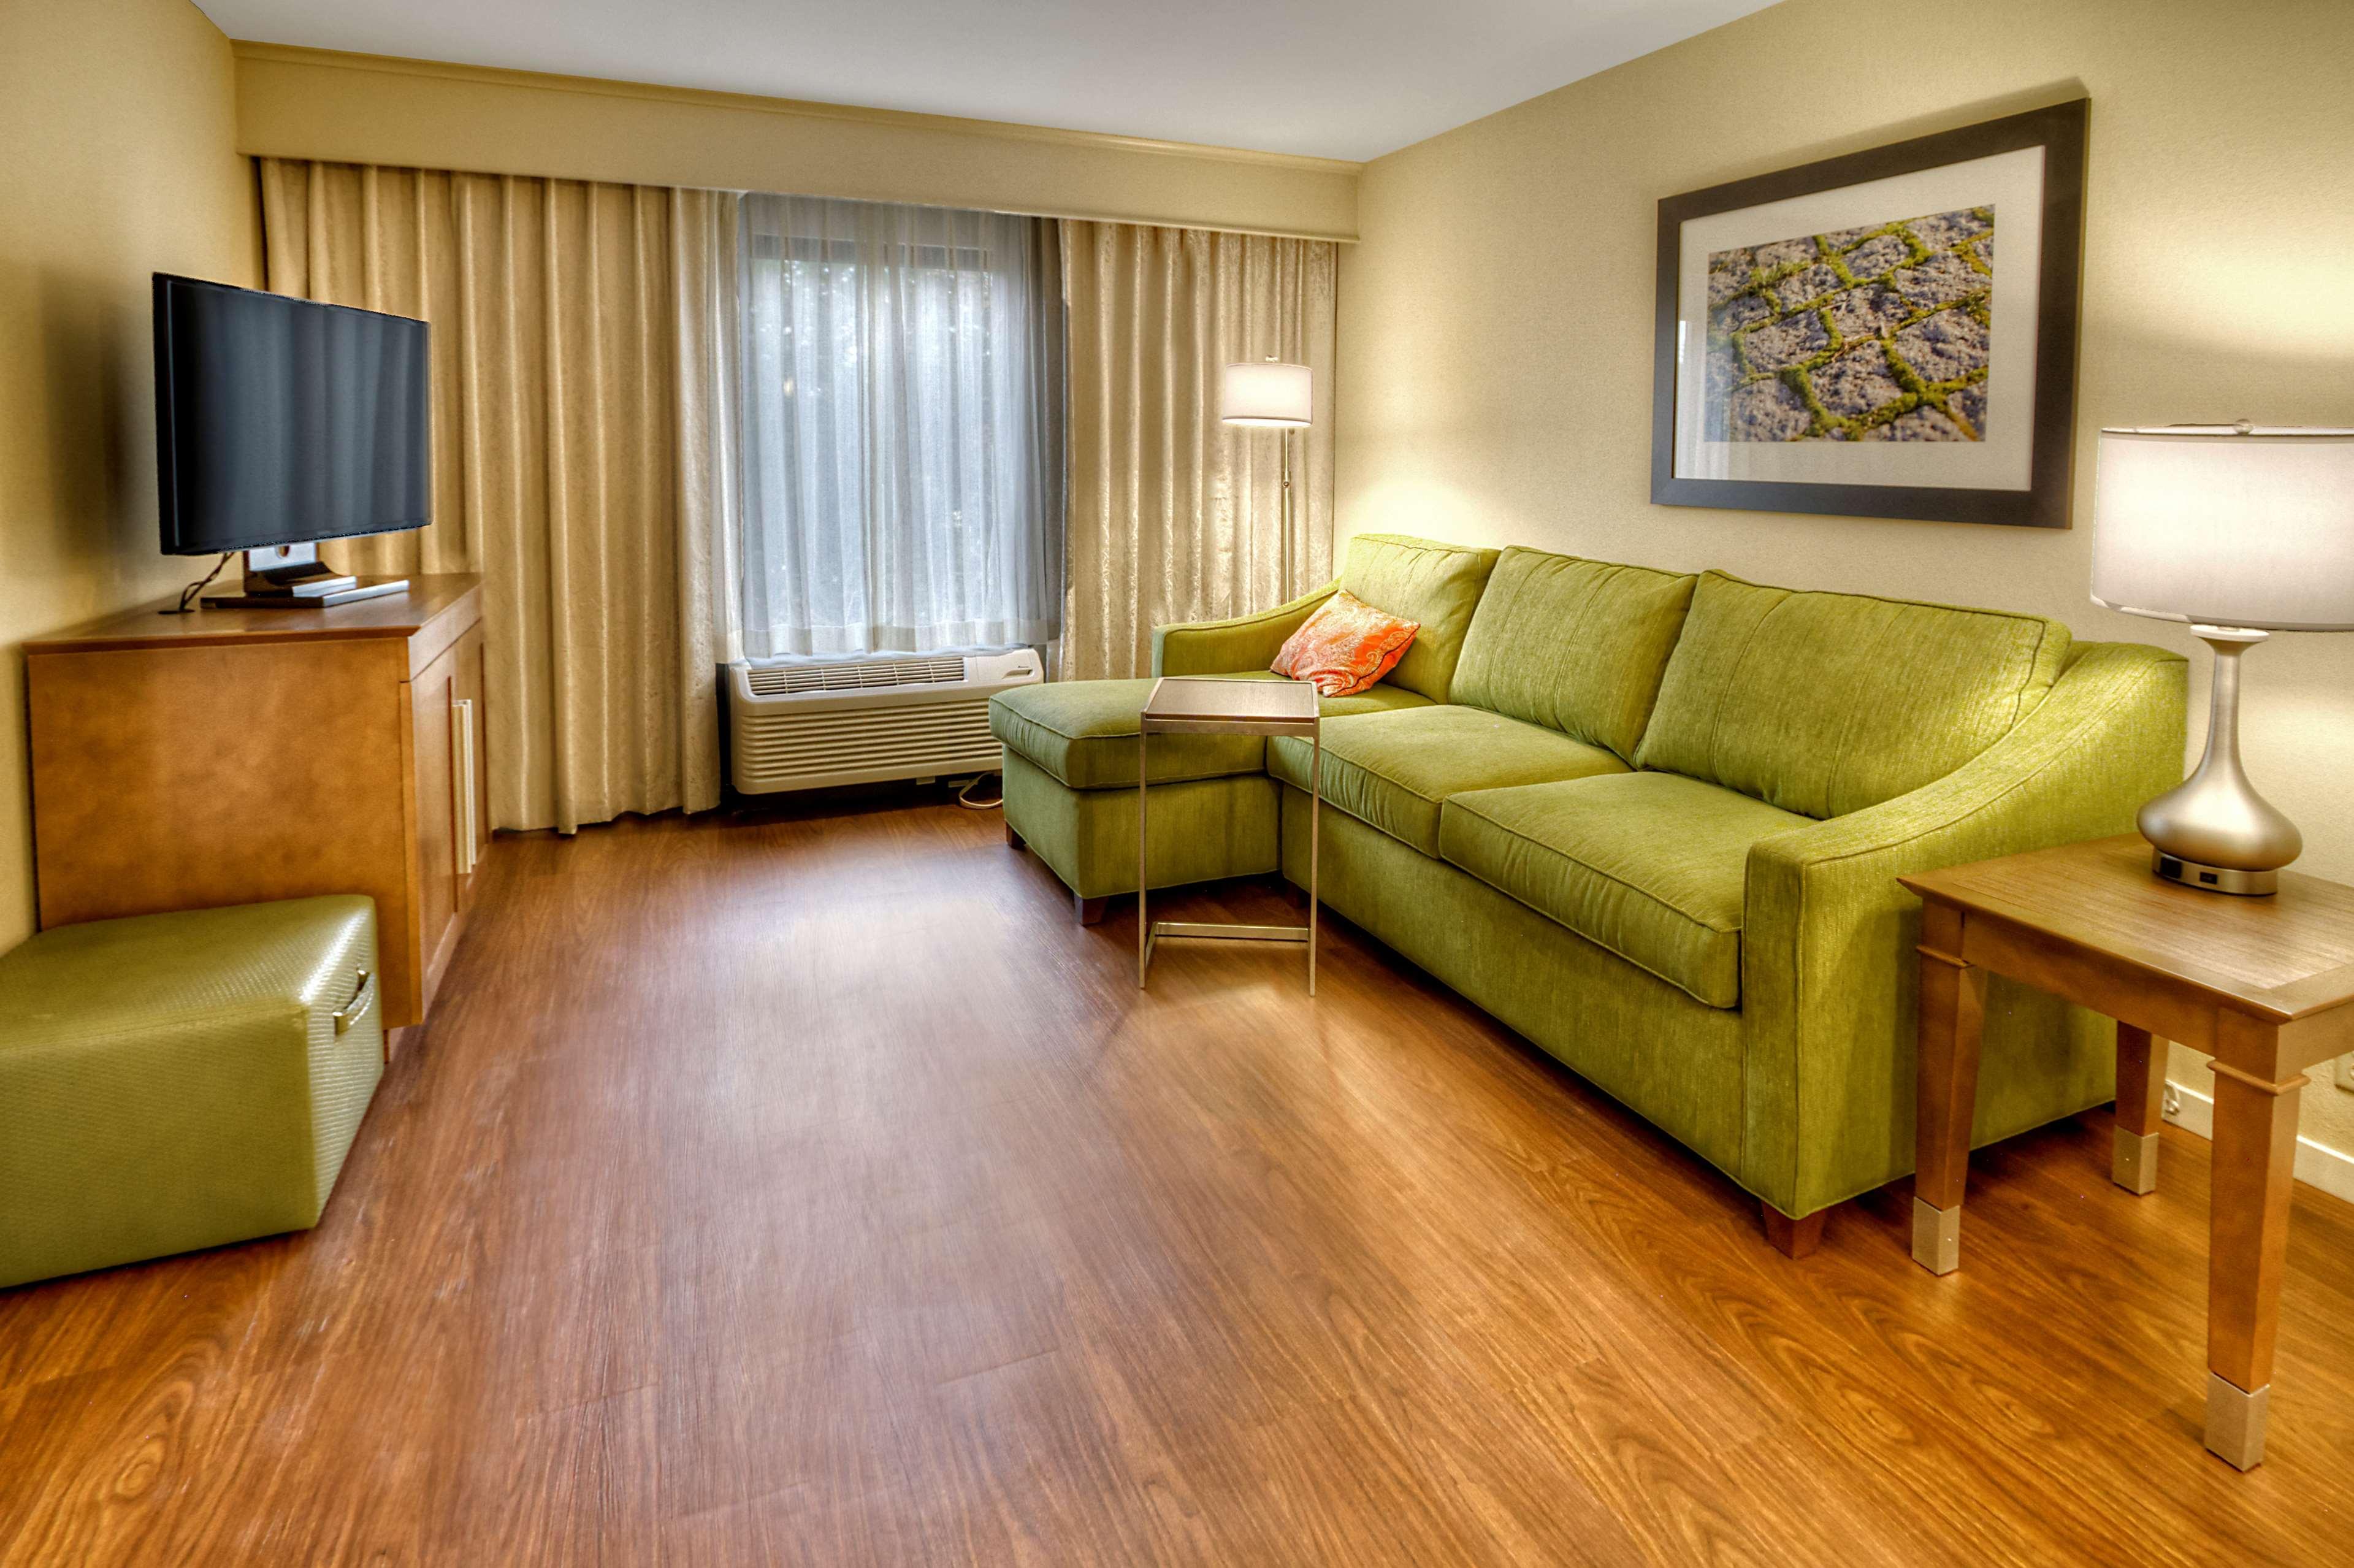 Hampton Inn & Suites Asheville-I-26 image 33